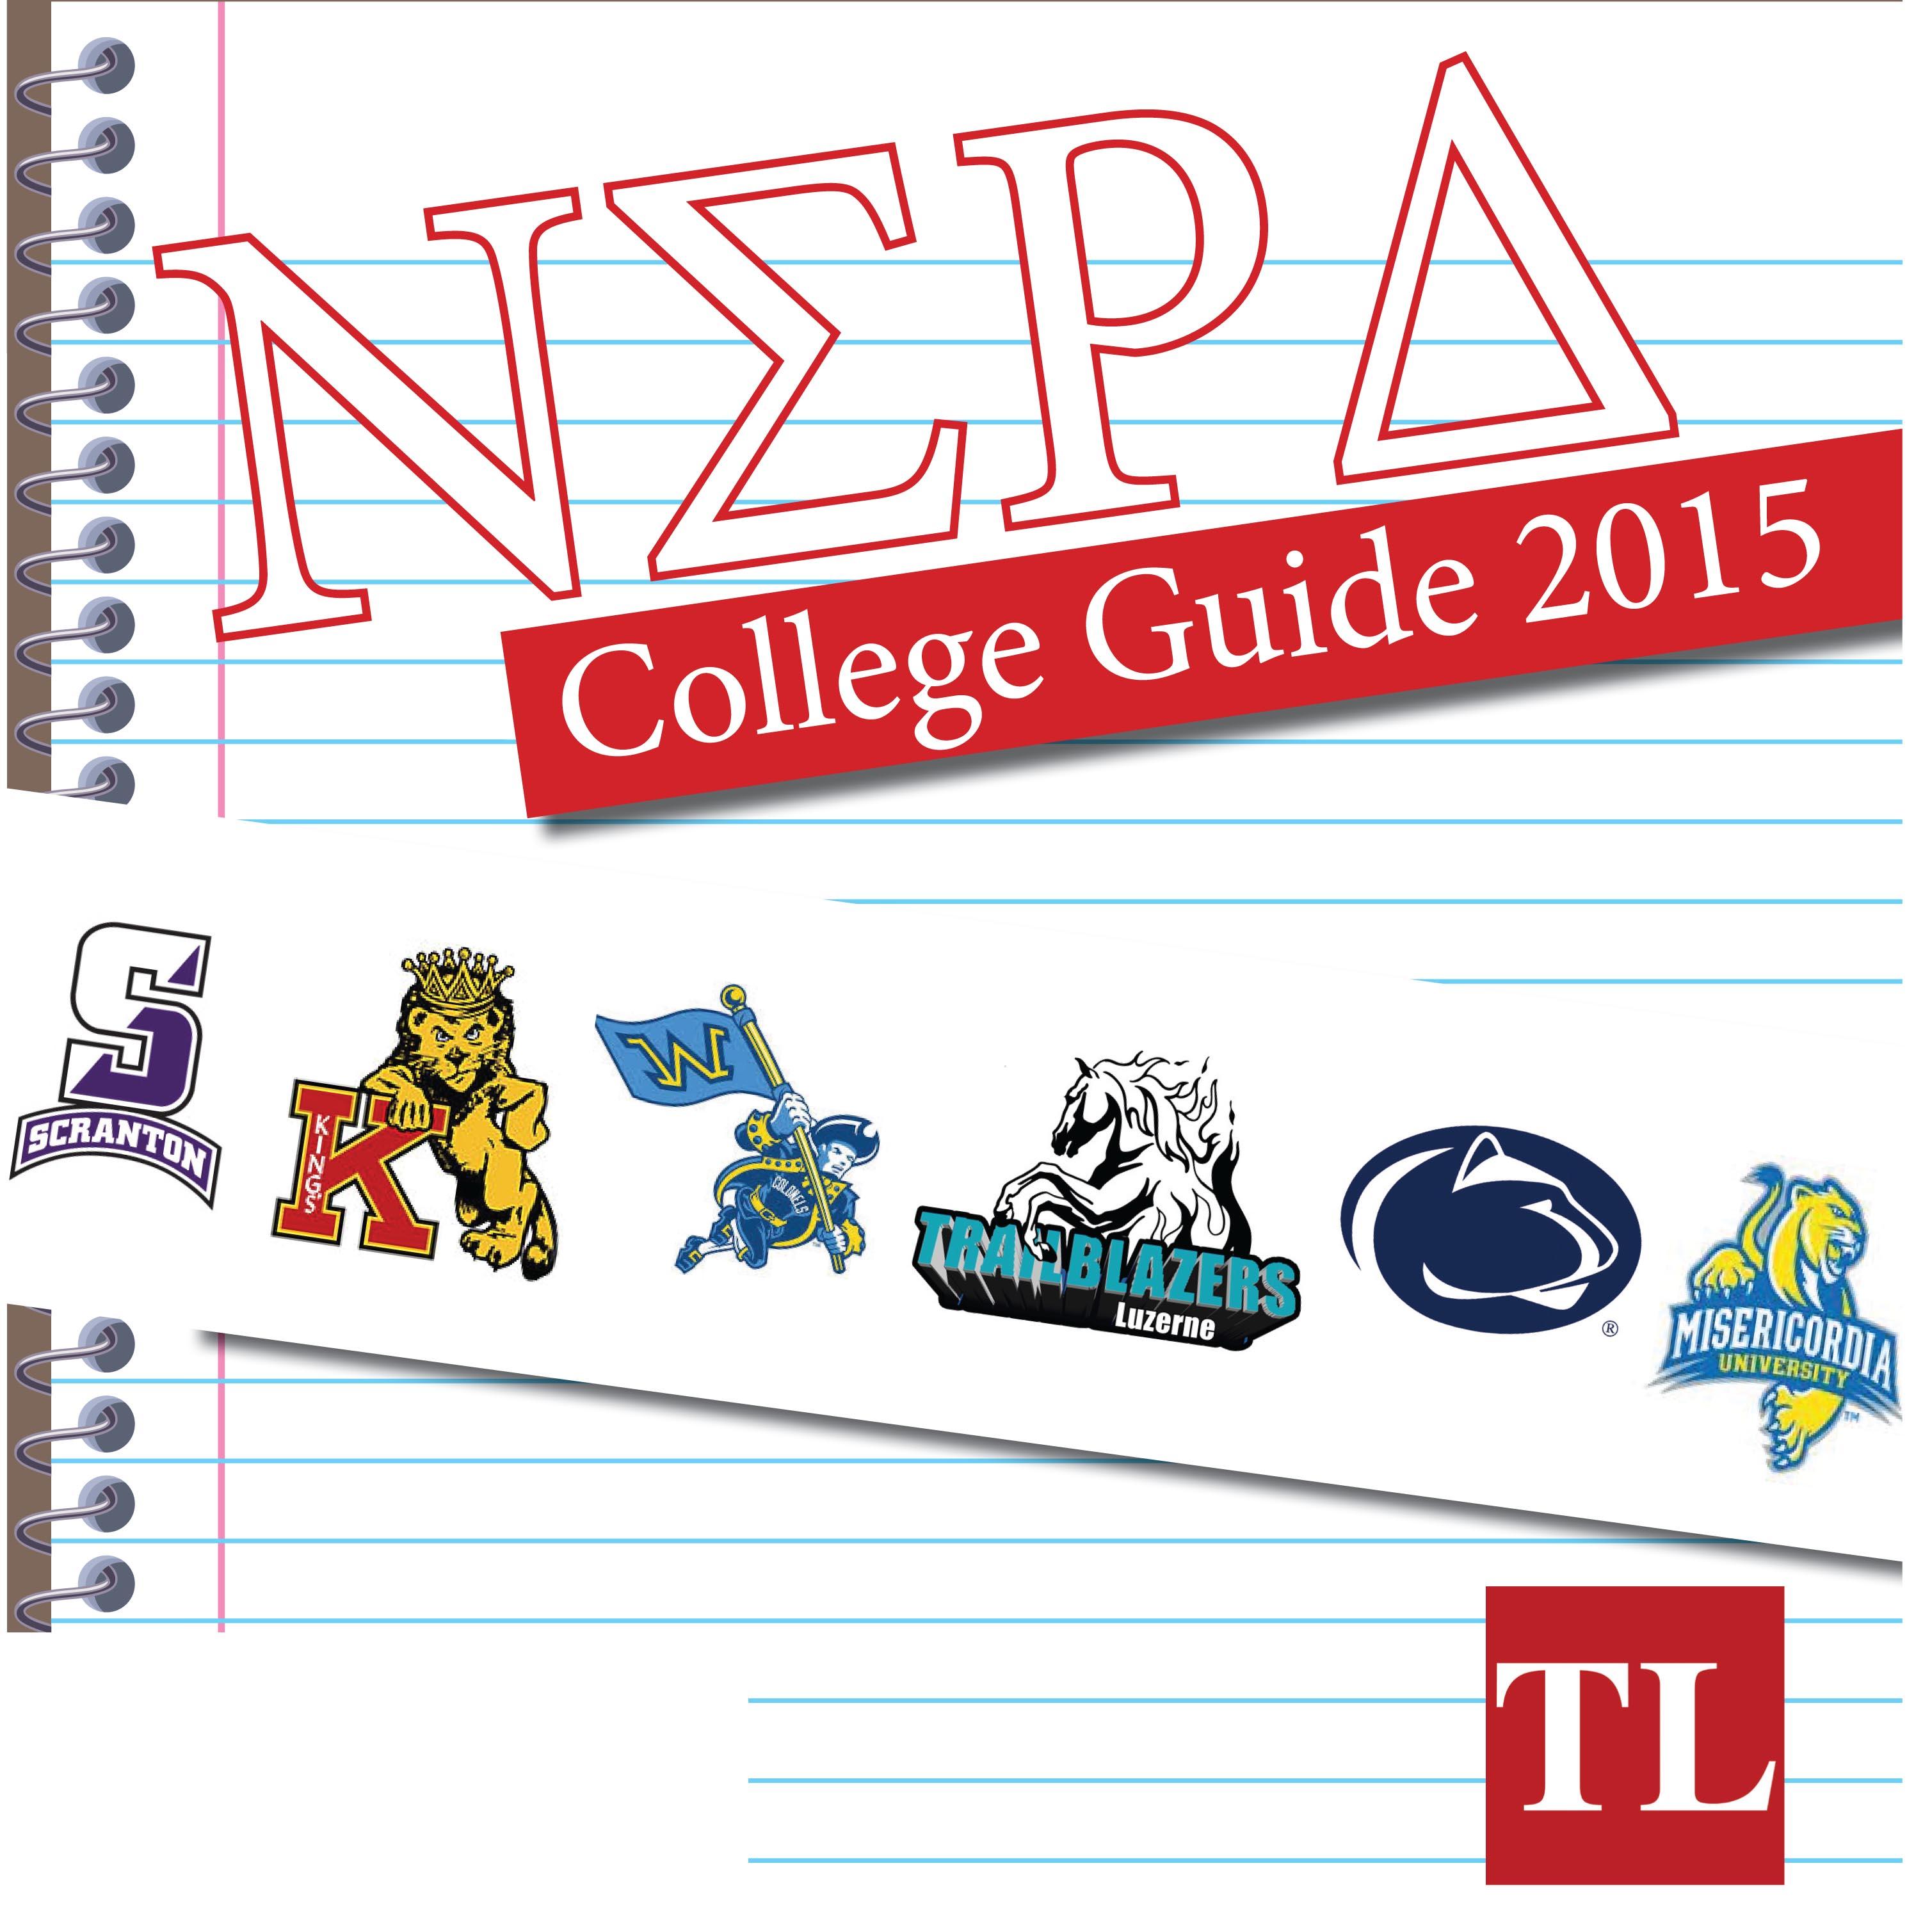 College Guide 2015